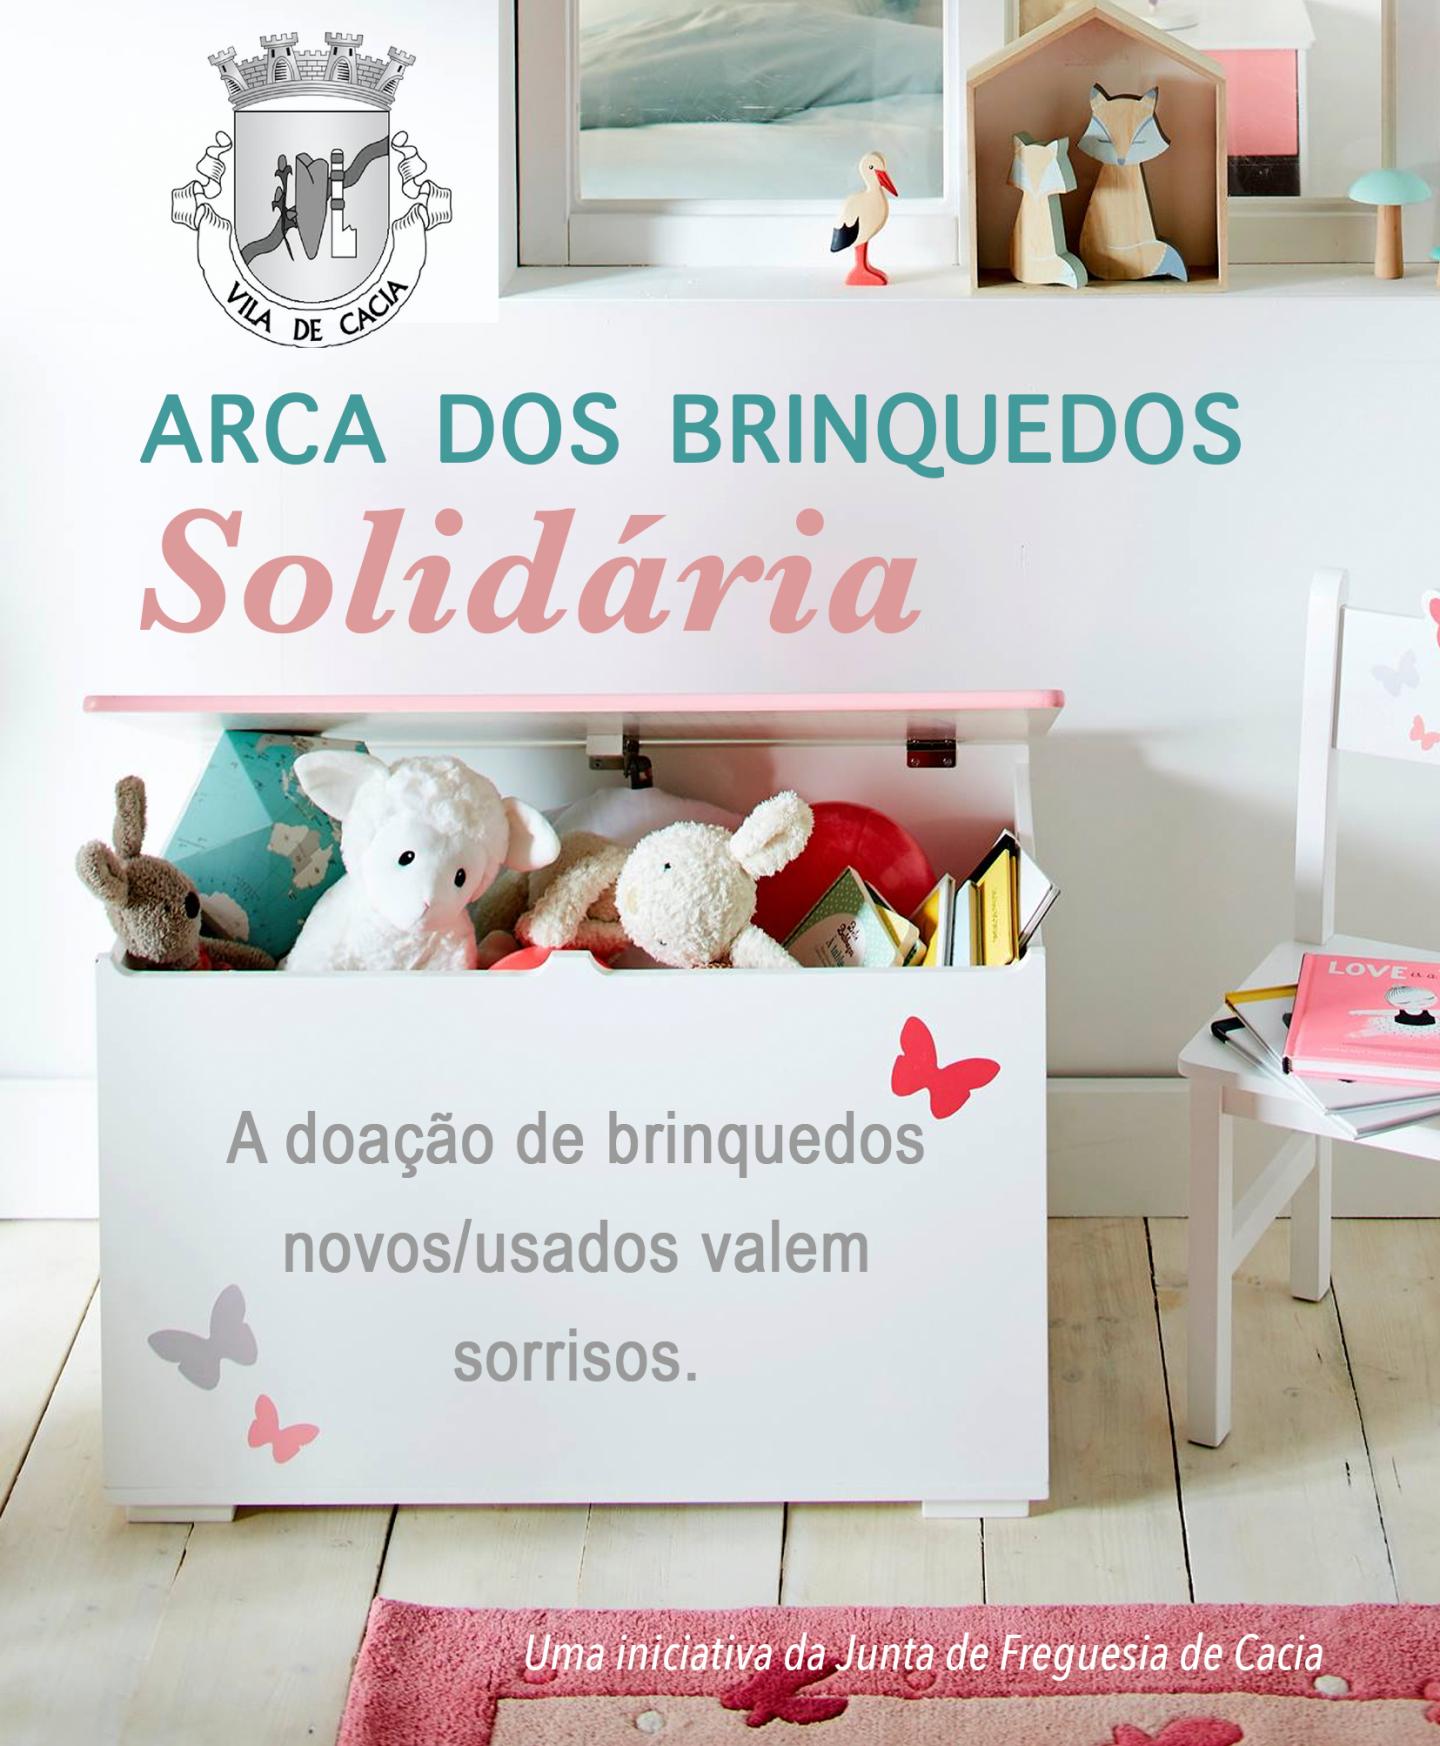 arca dos brinquedos solidaria